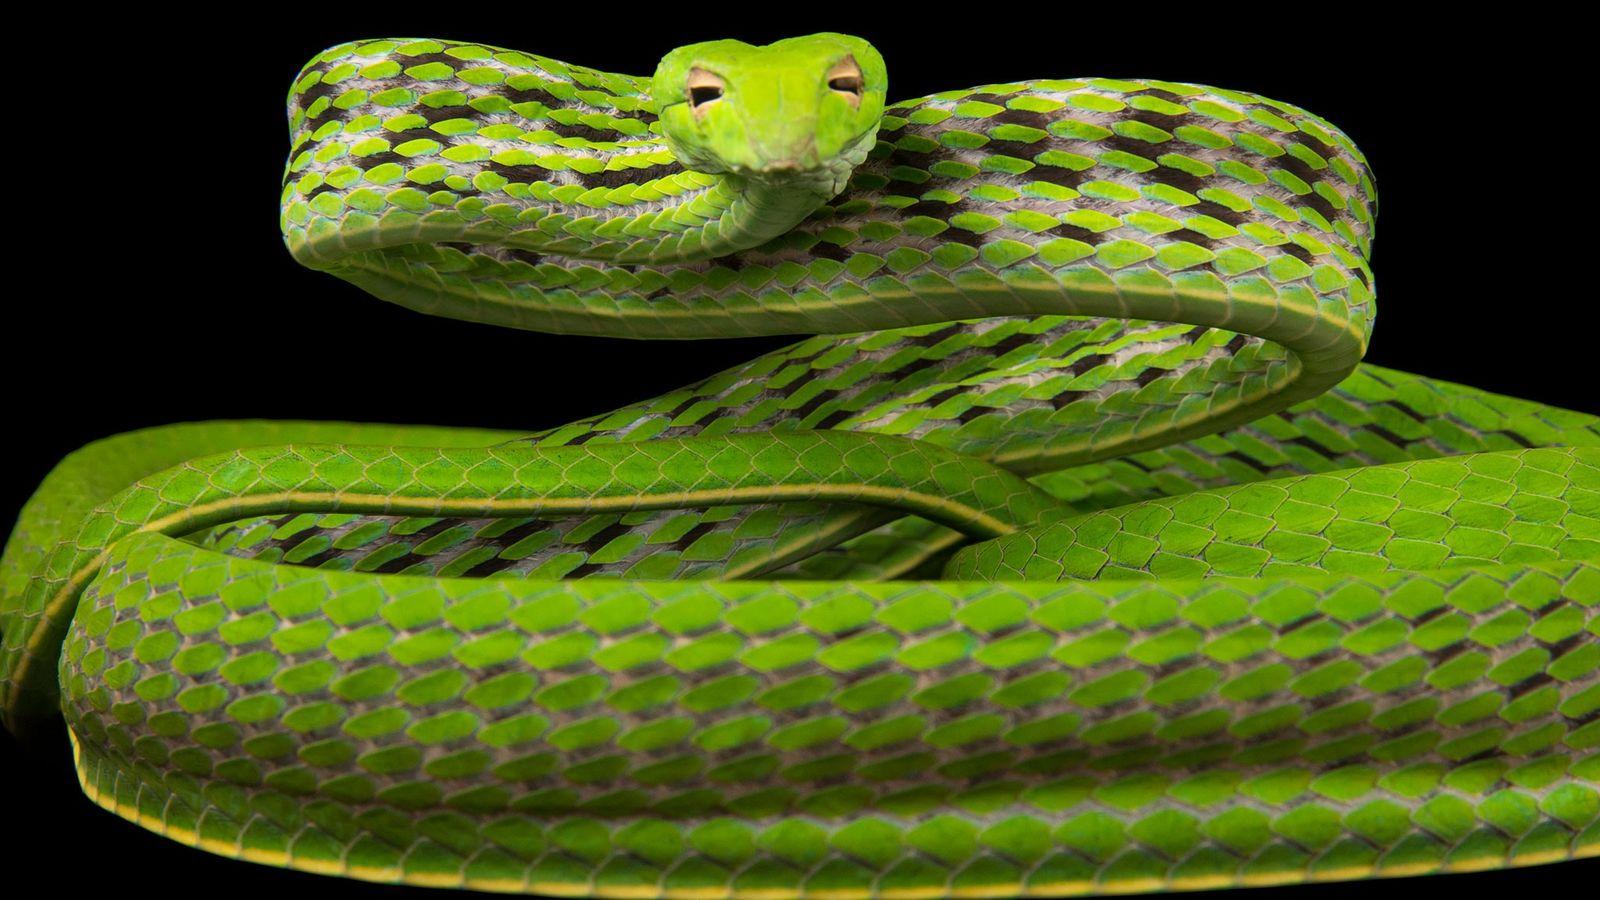 An Oriental whipsnake, Ahaetulla prasina, at Singapore Zoo.